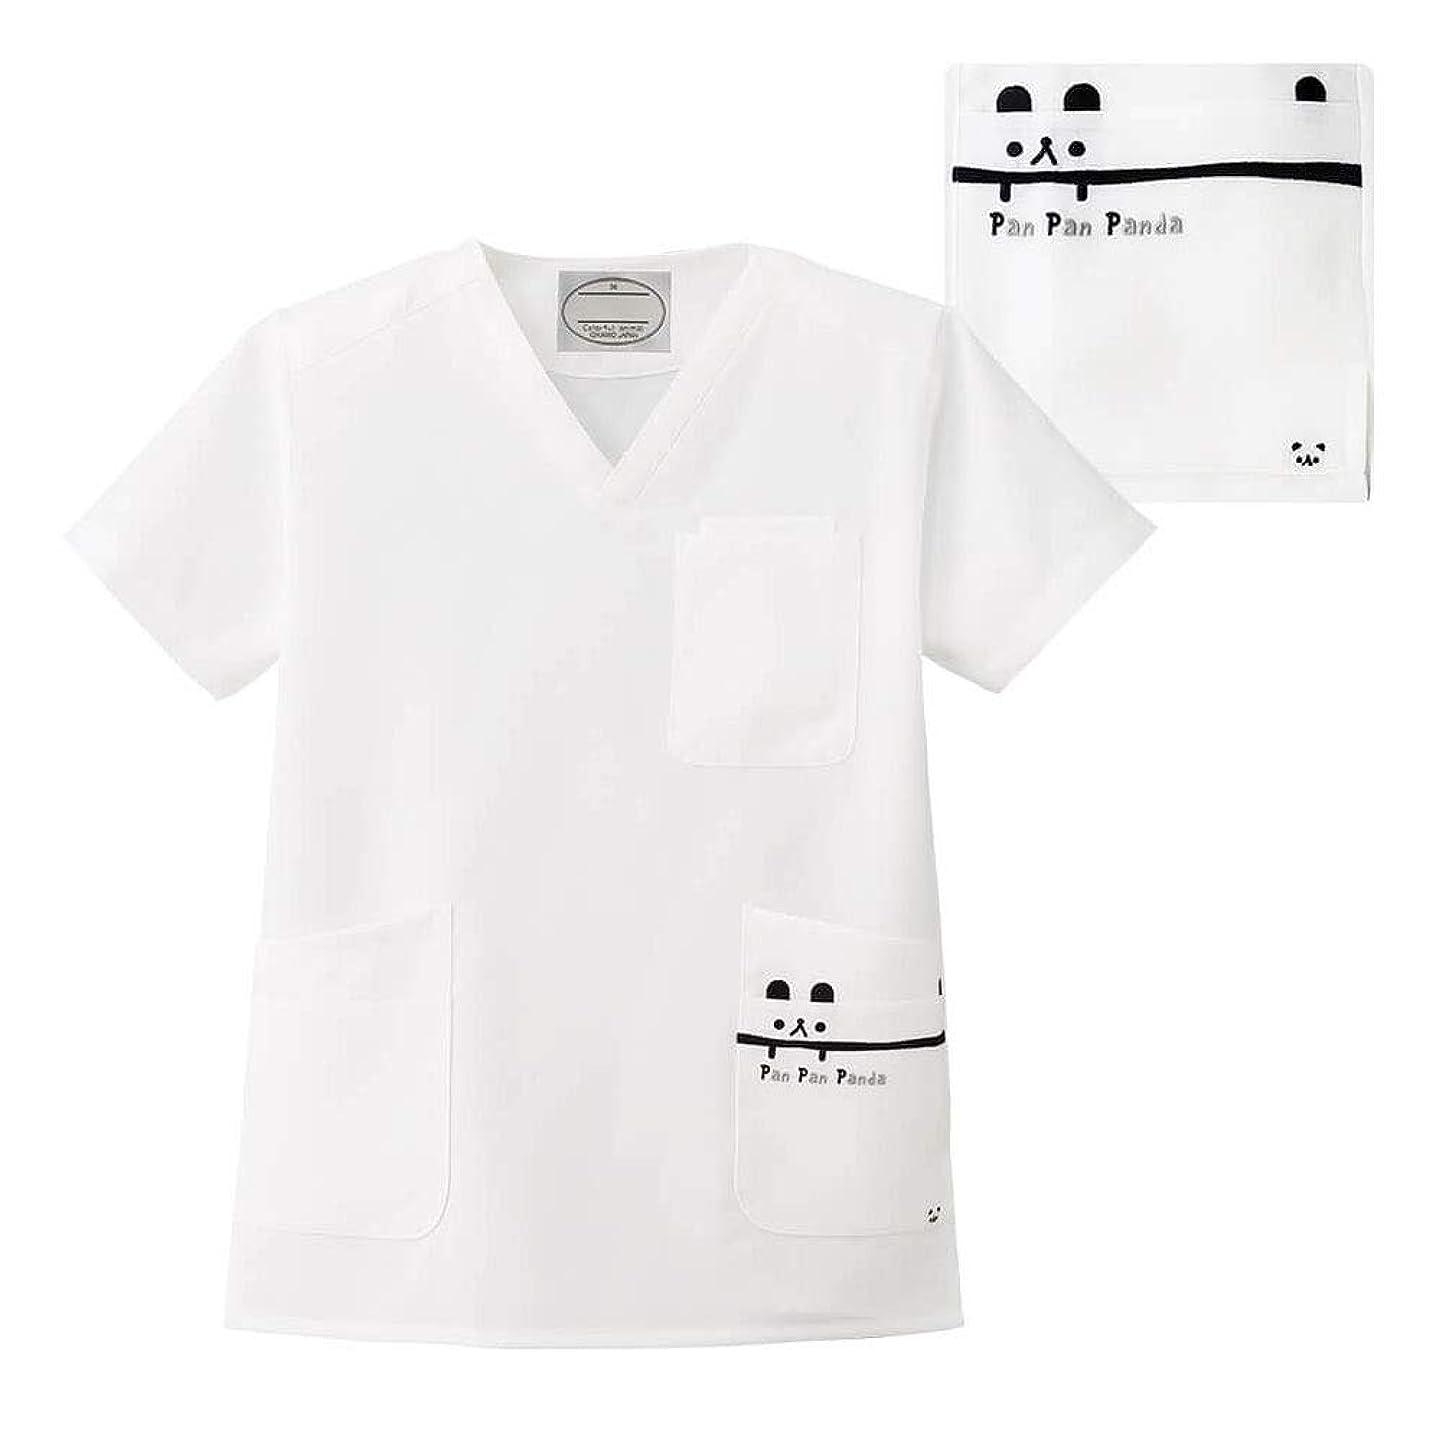 満足できるアプトドレインナースリー カラフルアニマル スクラブ 胸元?脇が開き過ぎない 肌触りさらり 医療 白衣 レディース メンズ LL パンダ 9208401A